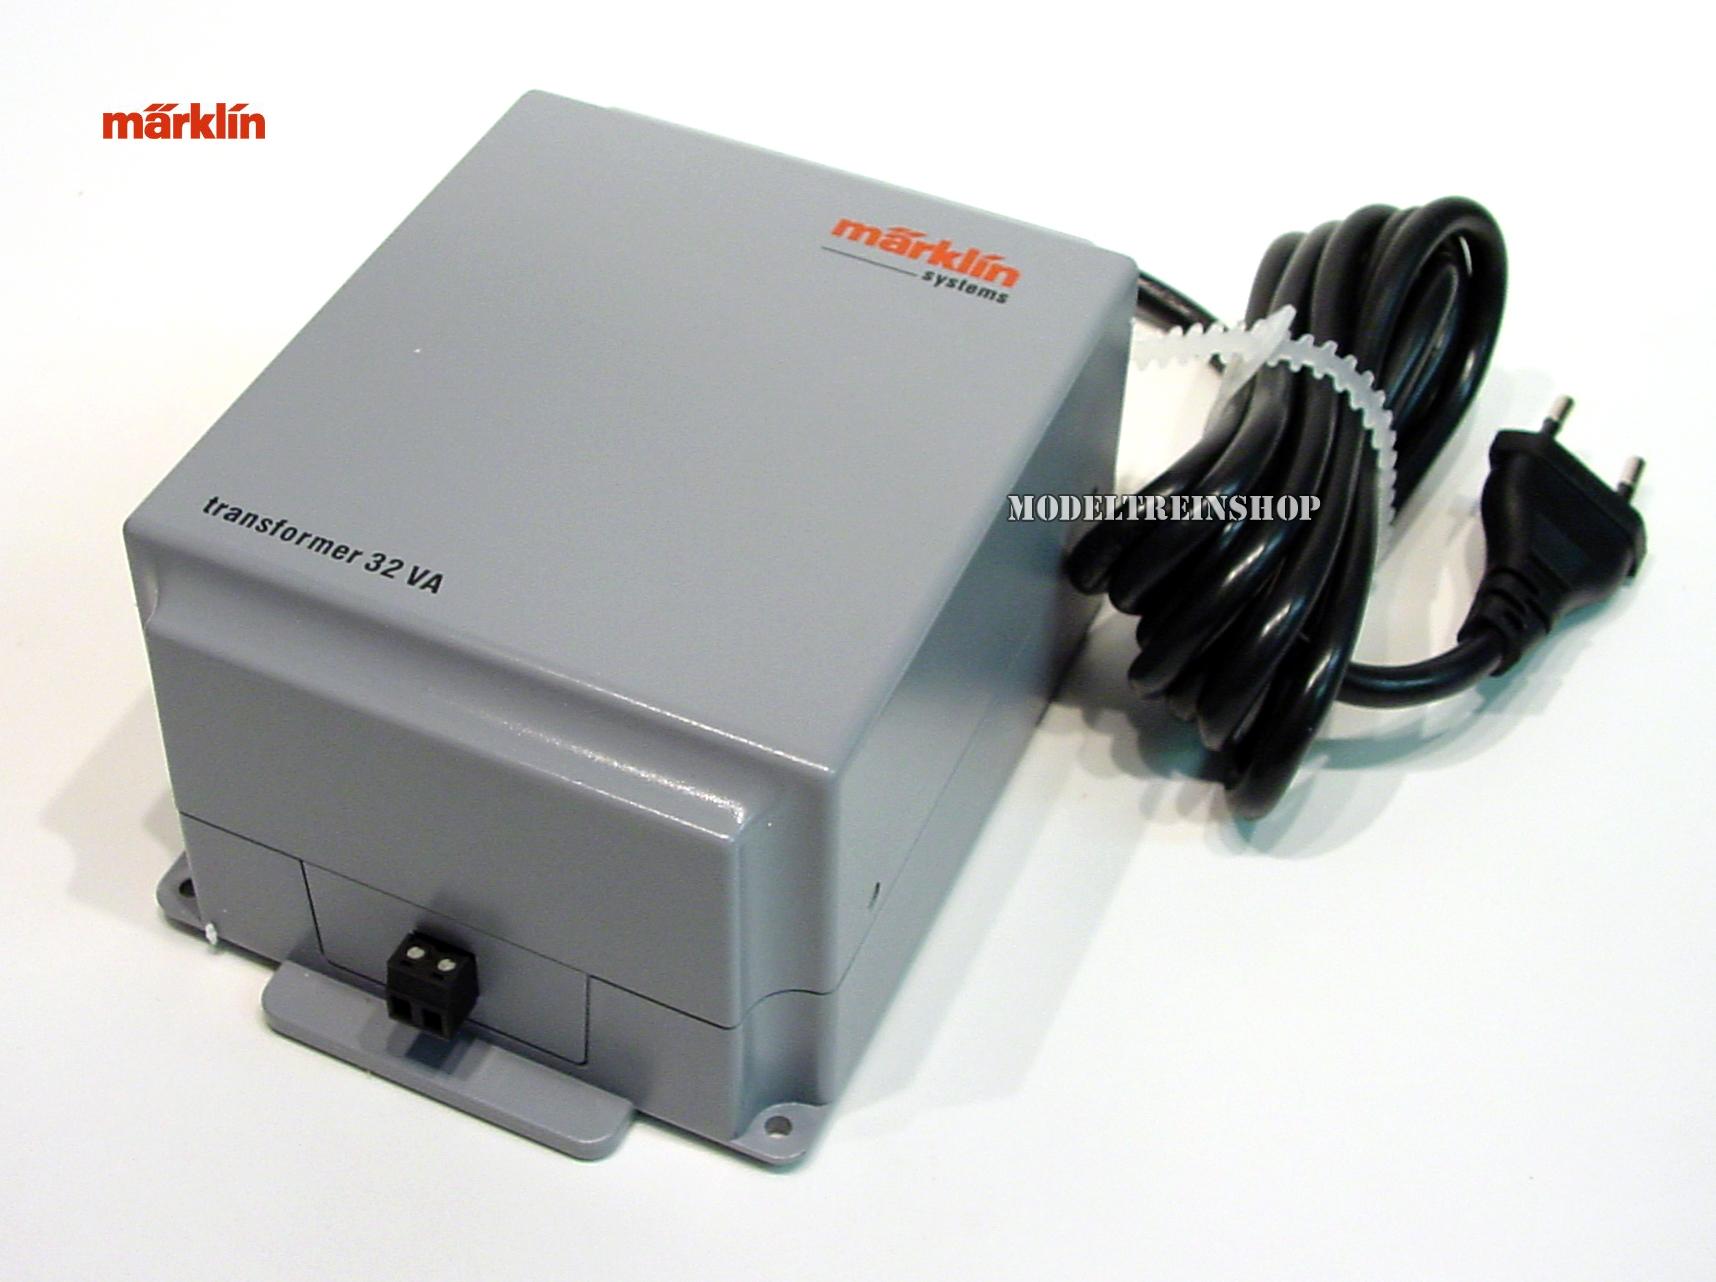 Marklin 60052 - 230volt Transformator 60va Modeltreinshop